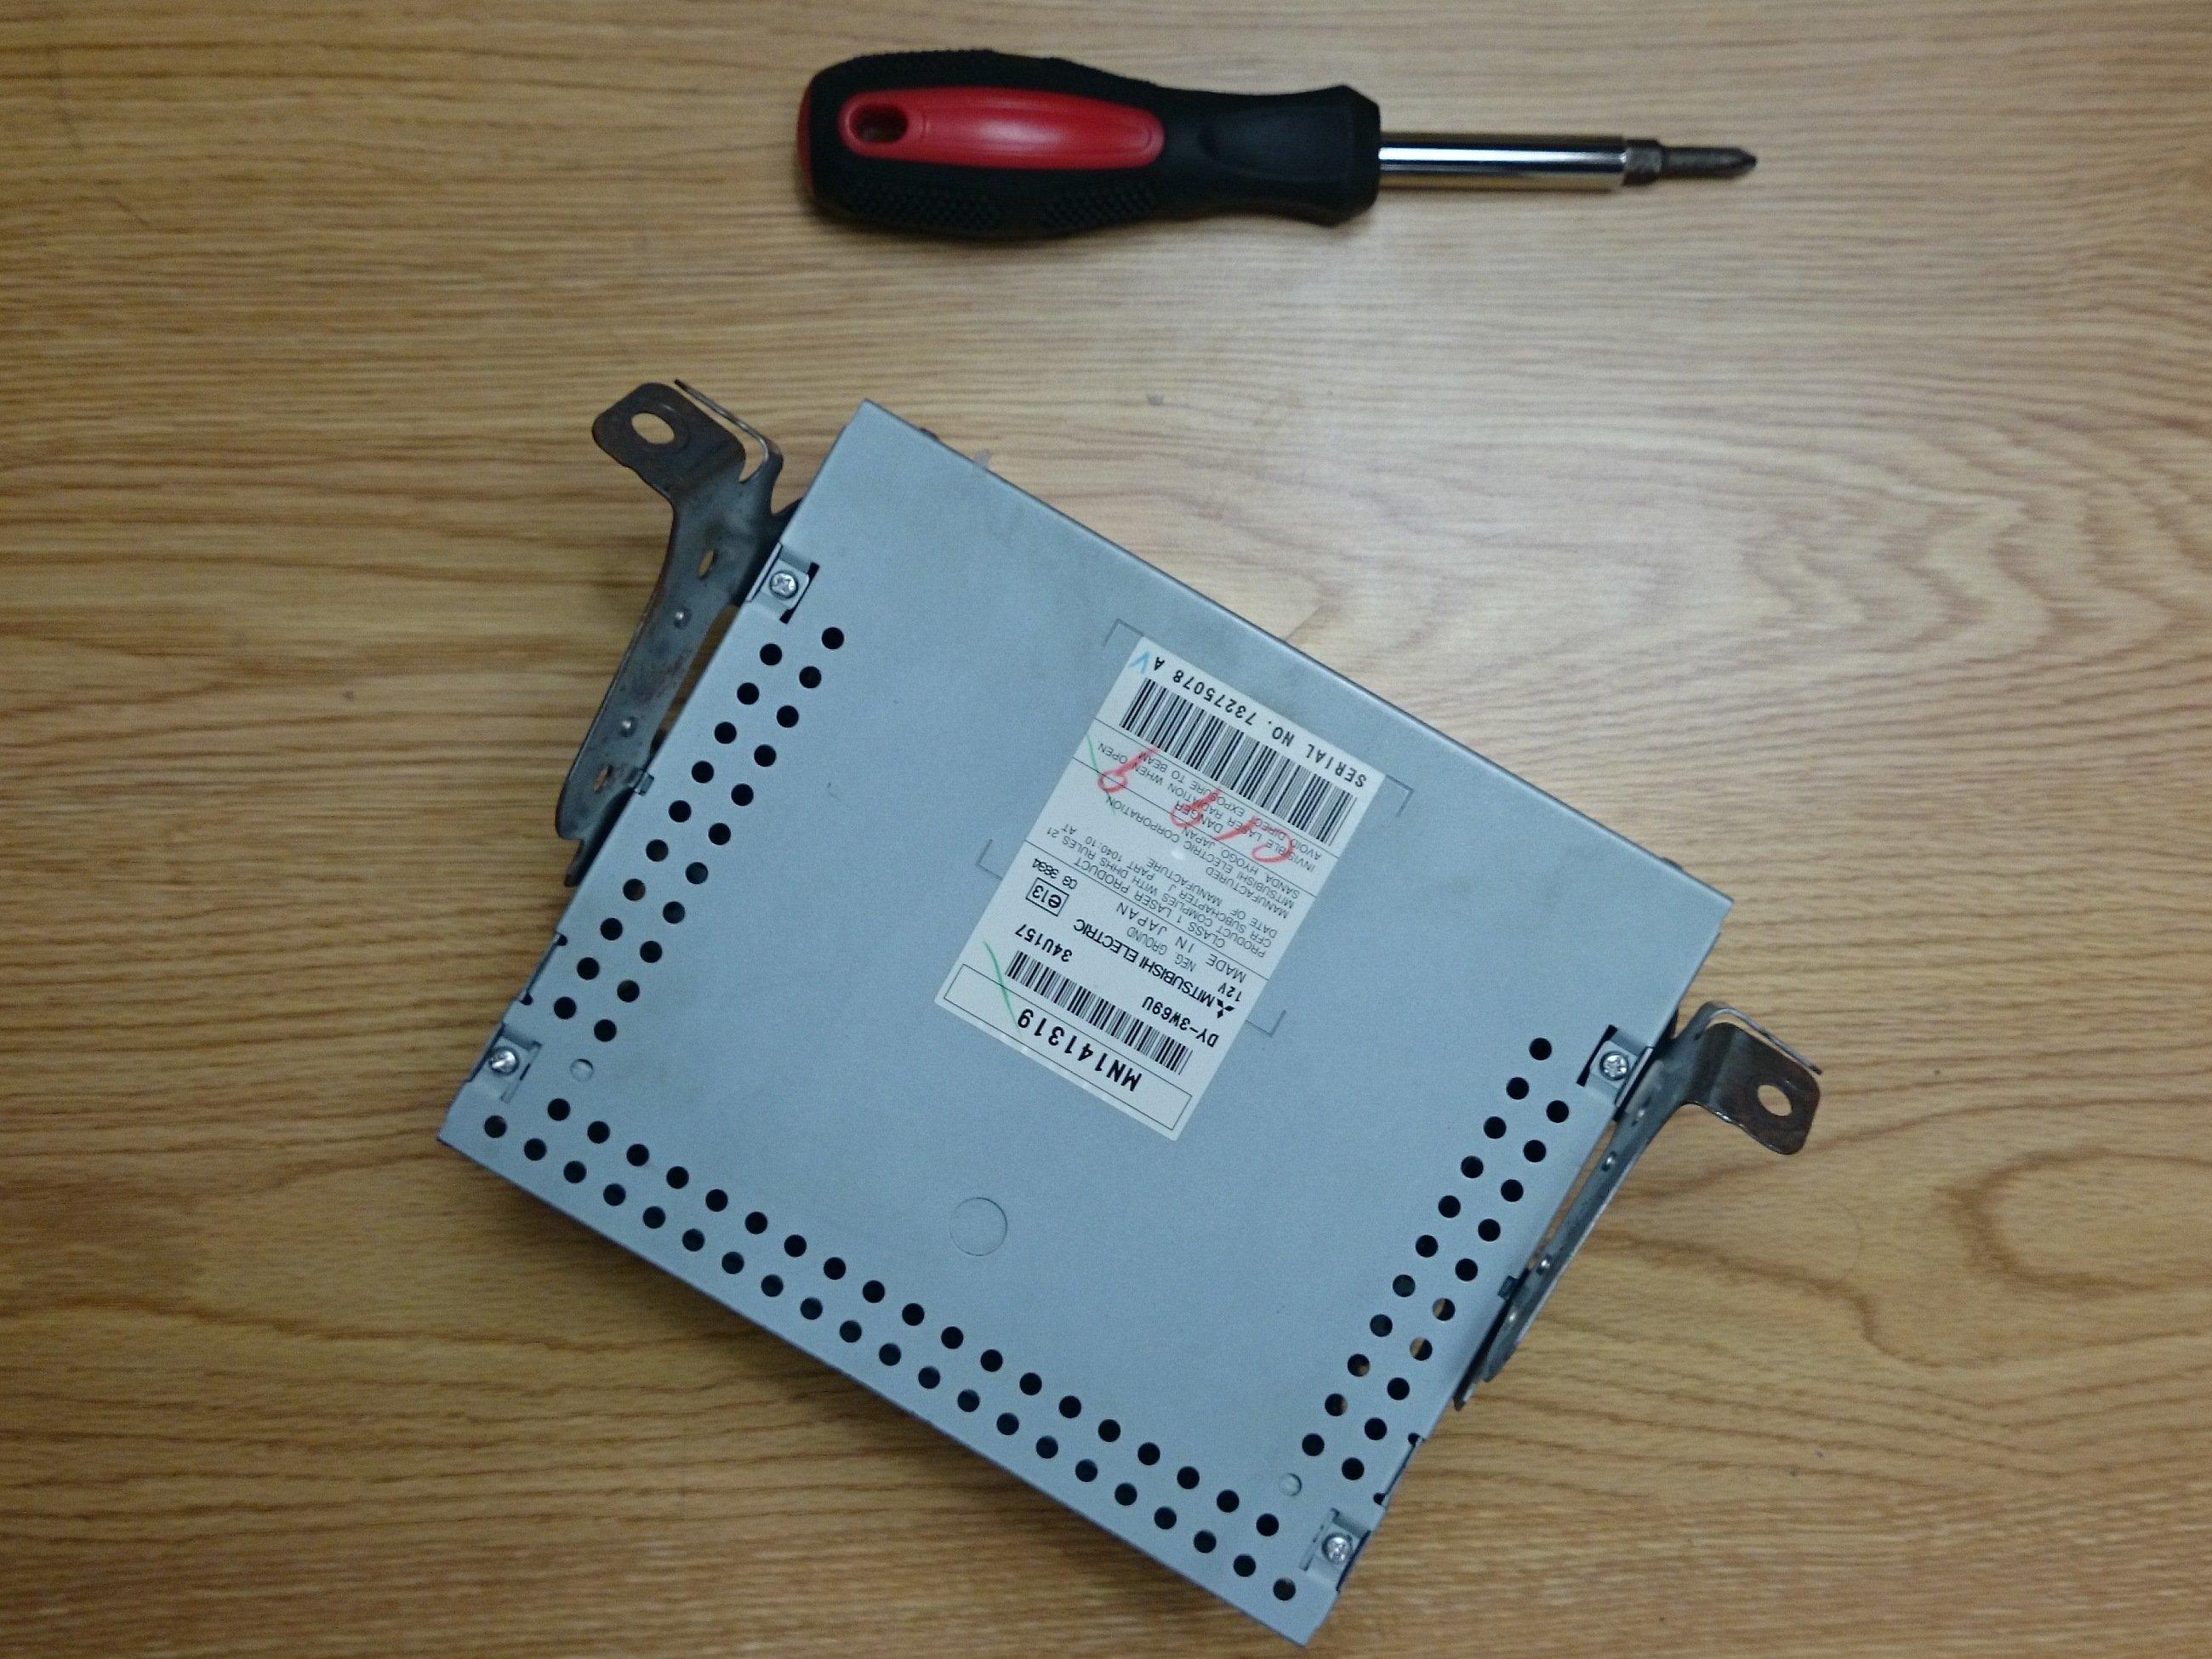 2010 mitsubishi lancer sportback user manual free